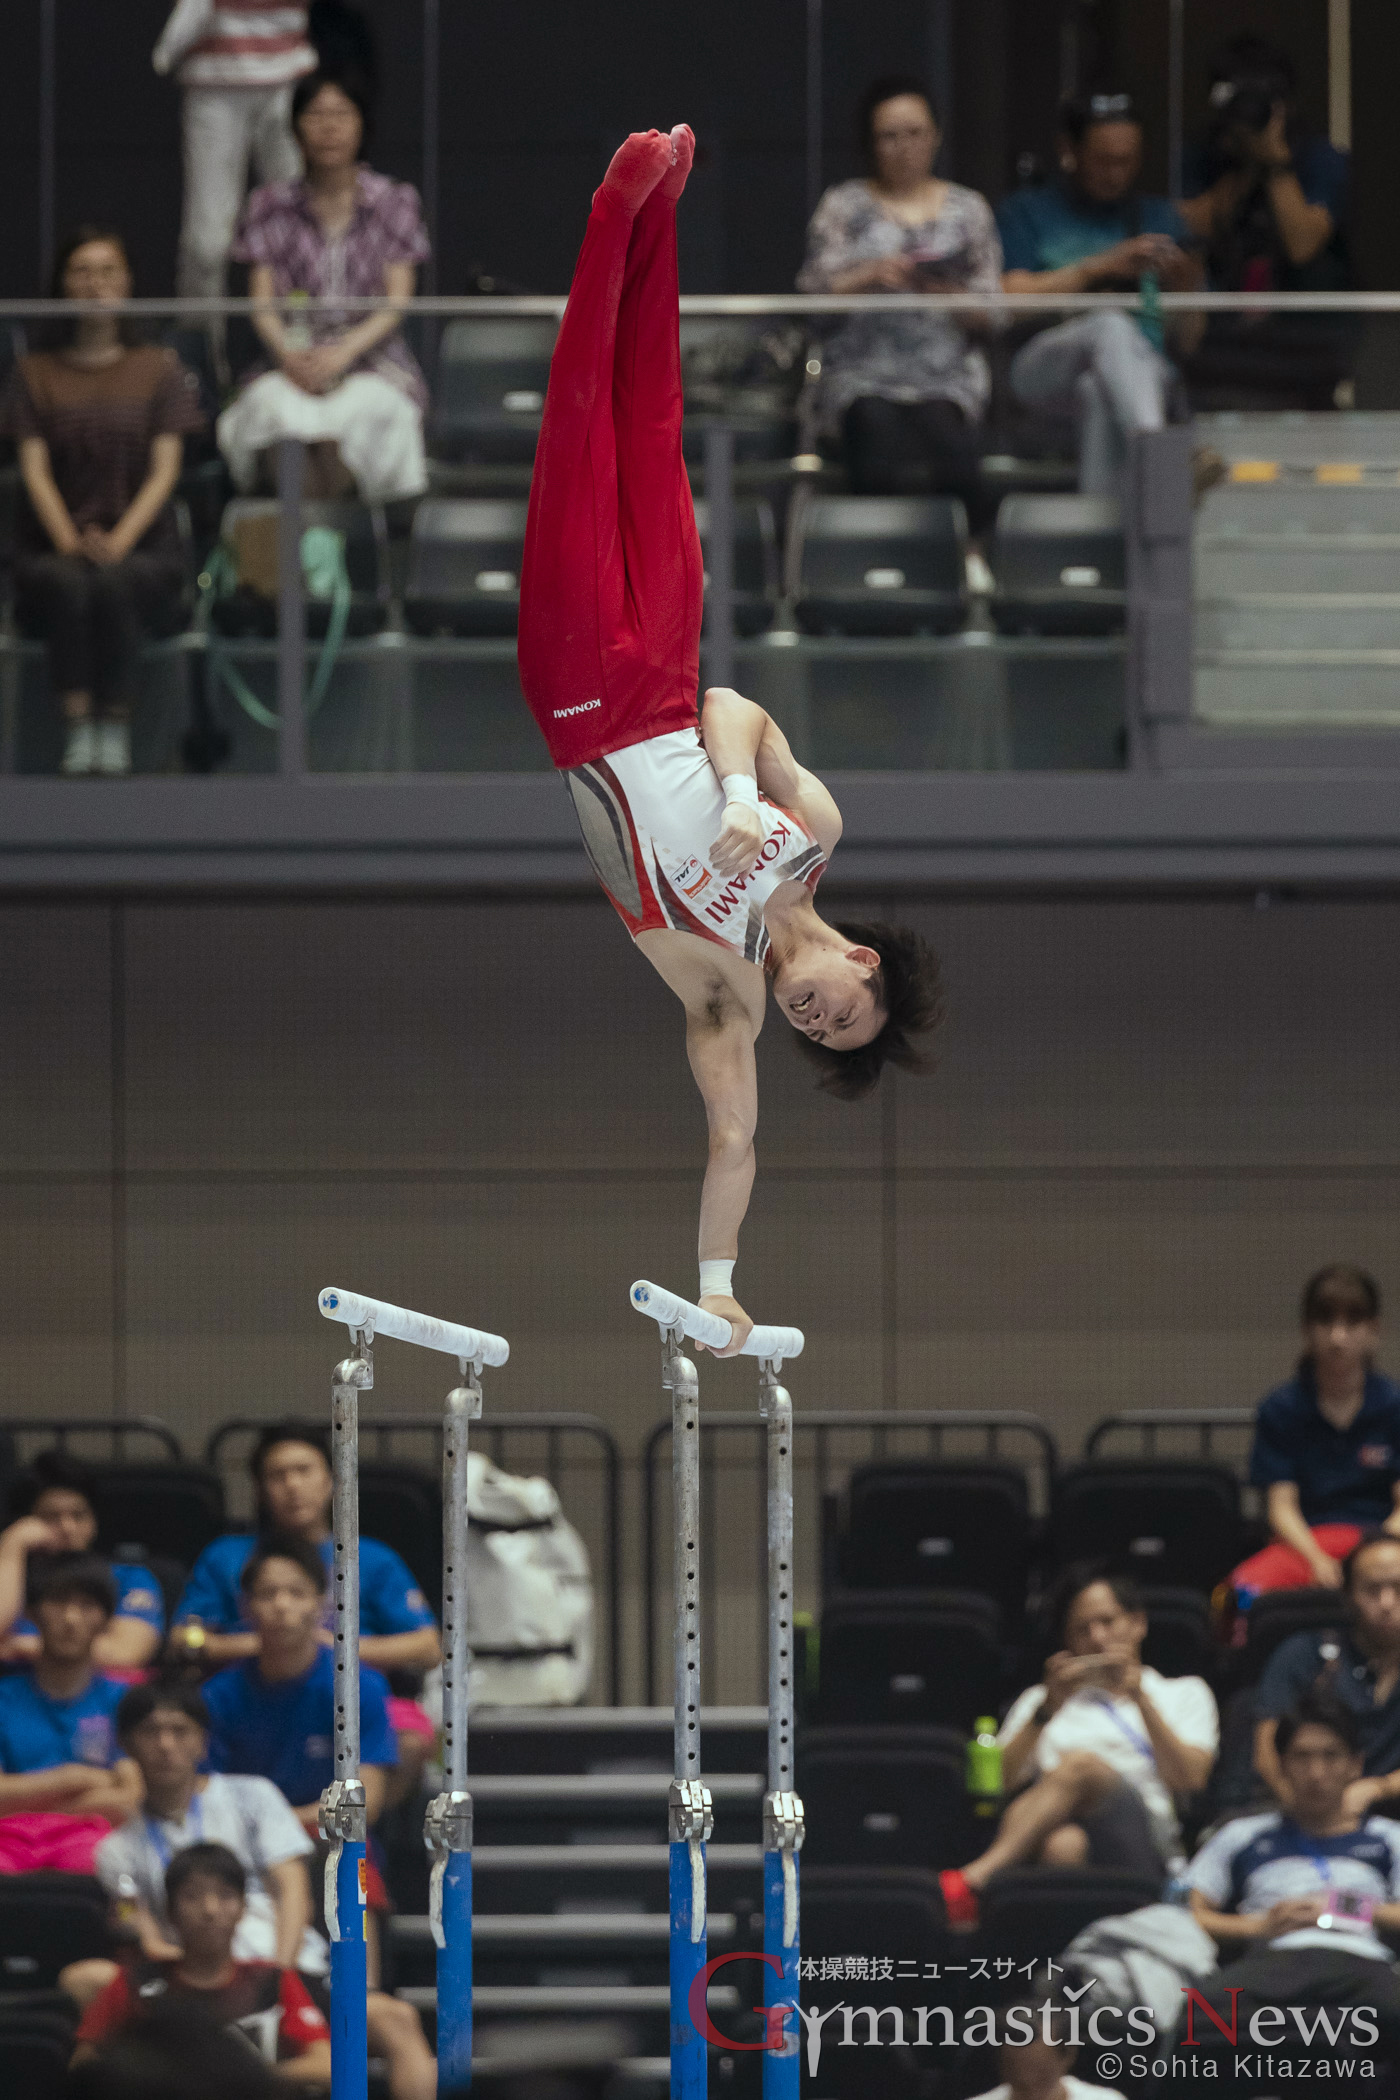 田中 佑典 コナミスポーツ